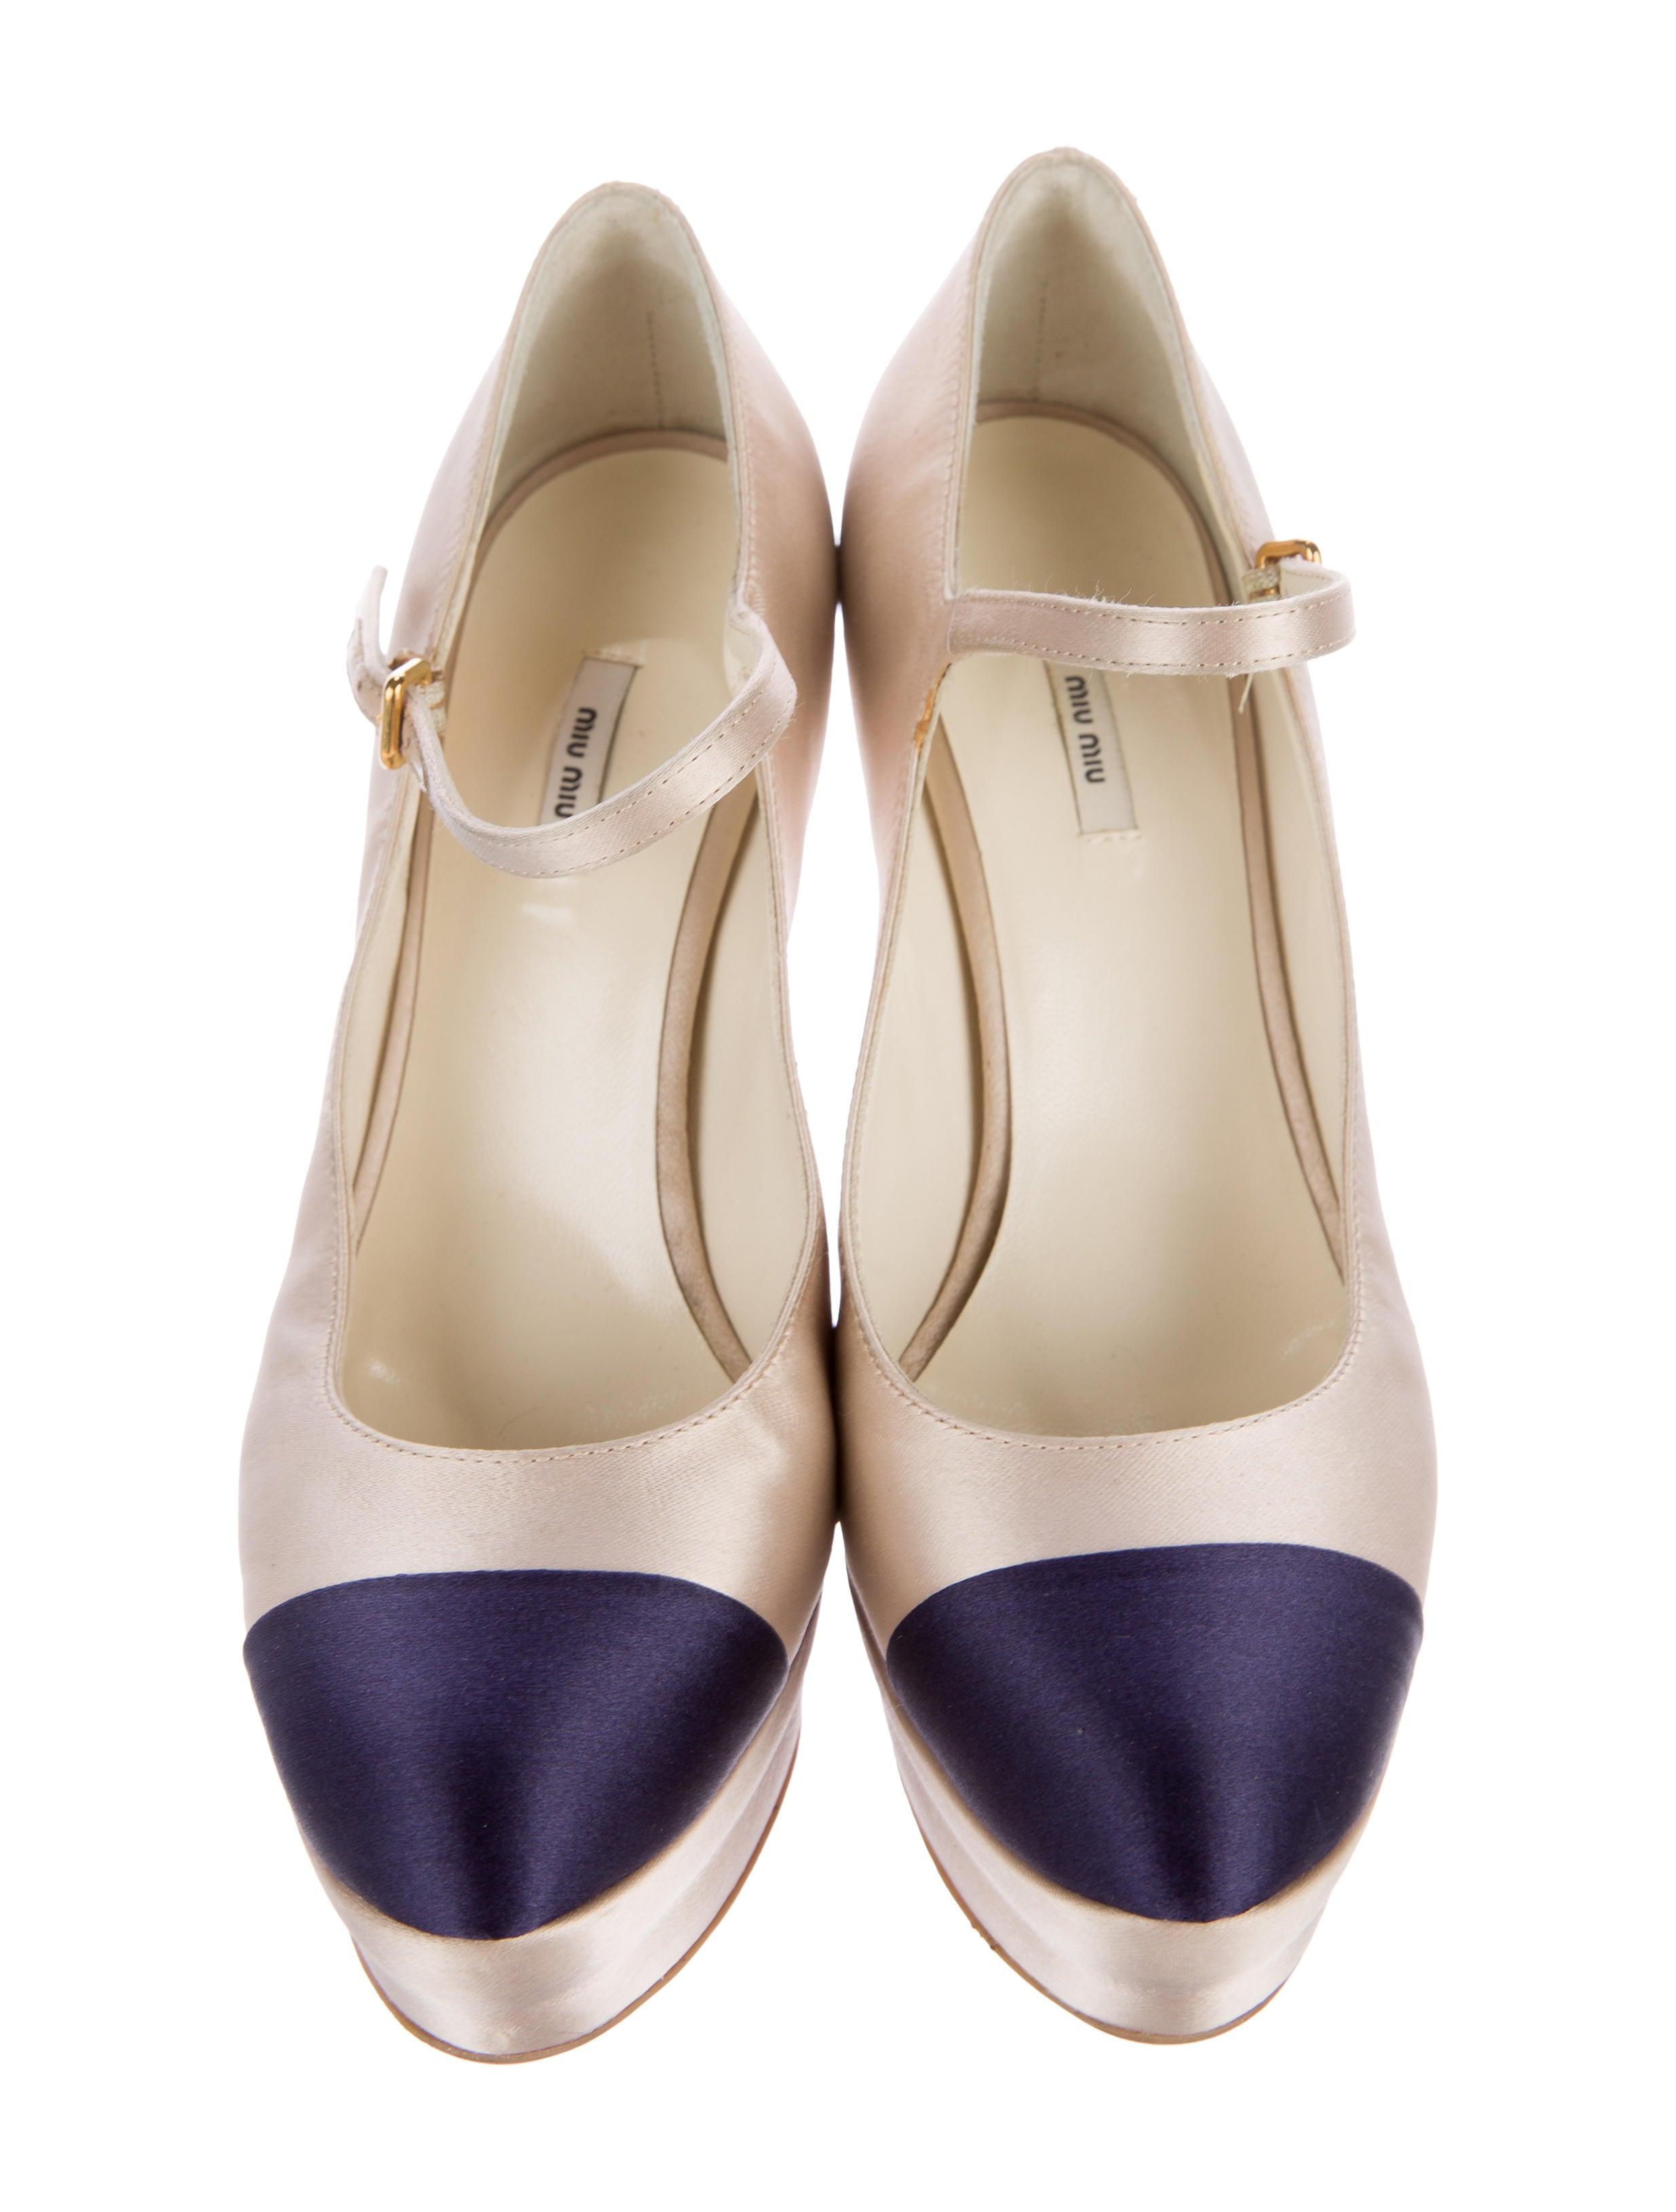 Miu Miu Mary Jane Cap-Toe Pumps - Shoes - MIU43545   The RealReal